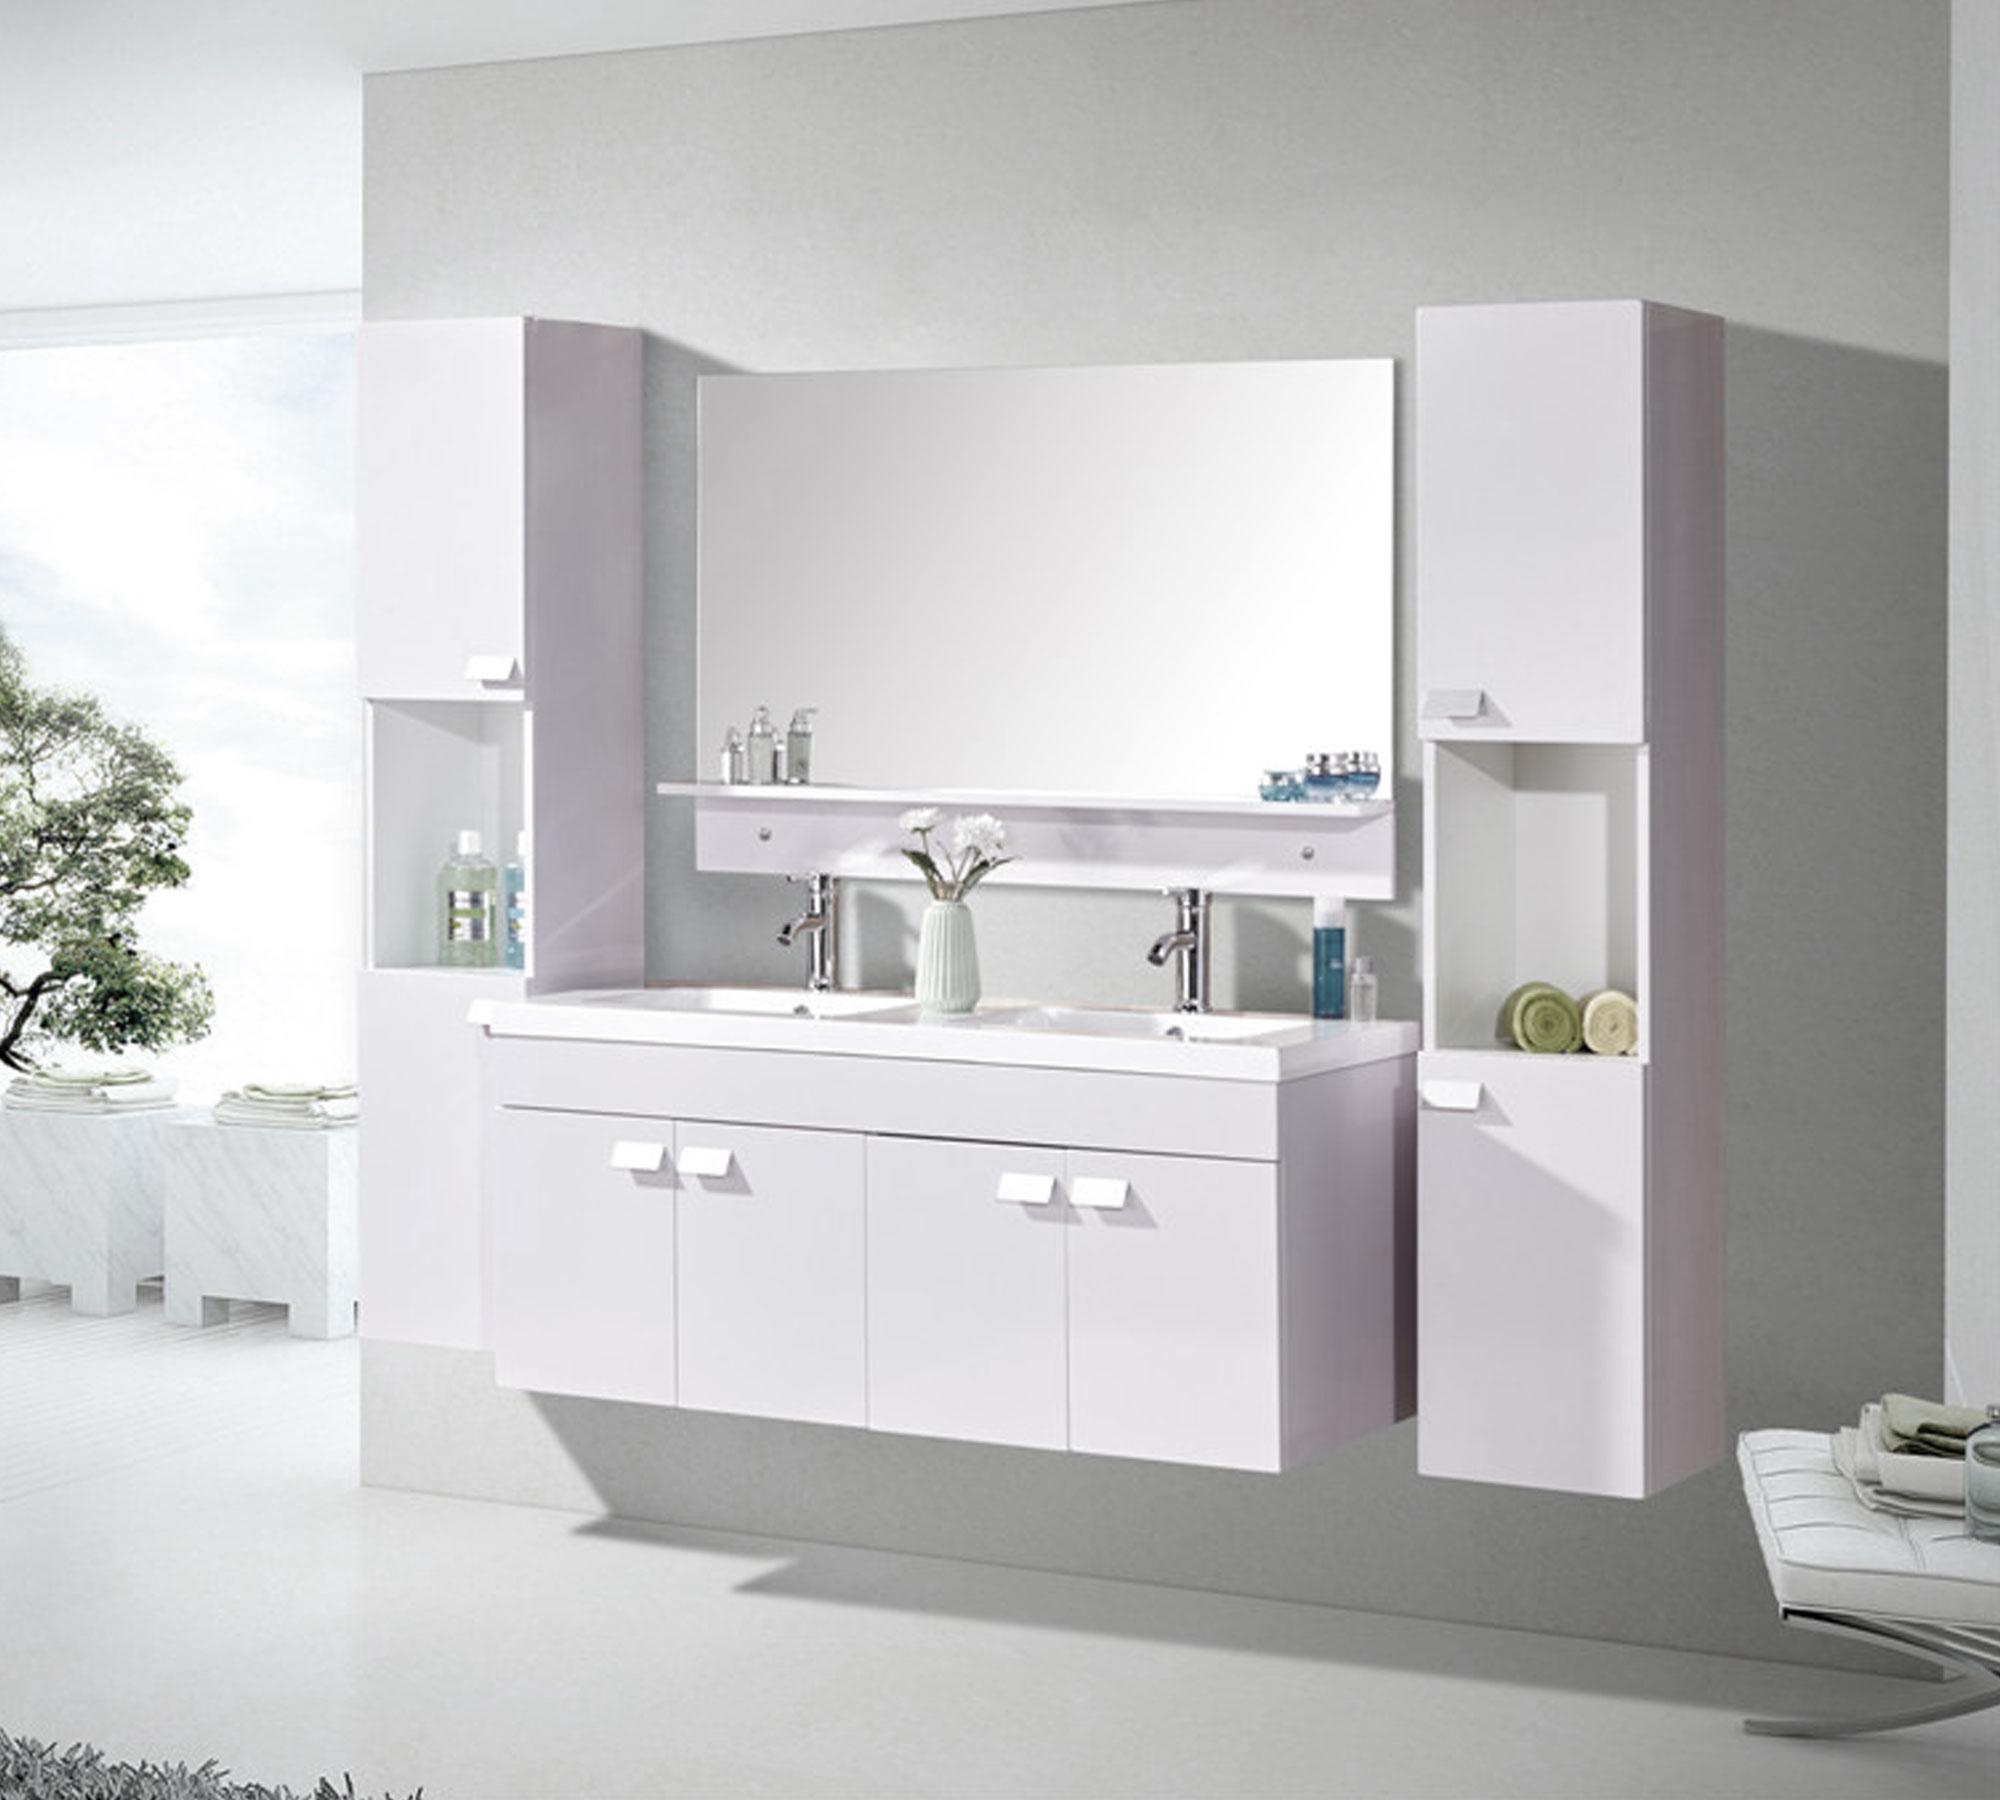 badm bel 120 cm badezimmerm bel badezimmer waschtisch schrank spiegel set w eleg ebay. Black Bedroom Furniture Sets. Home Design Ideas